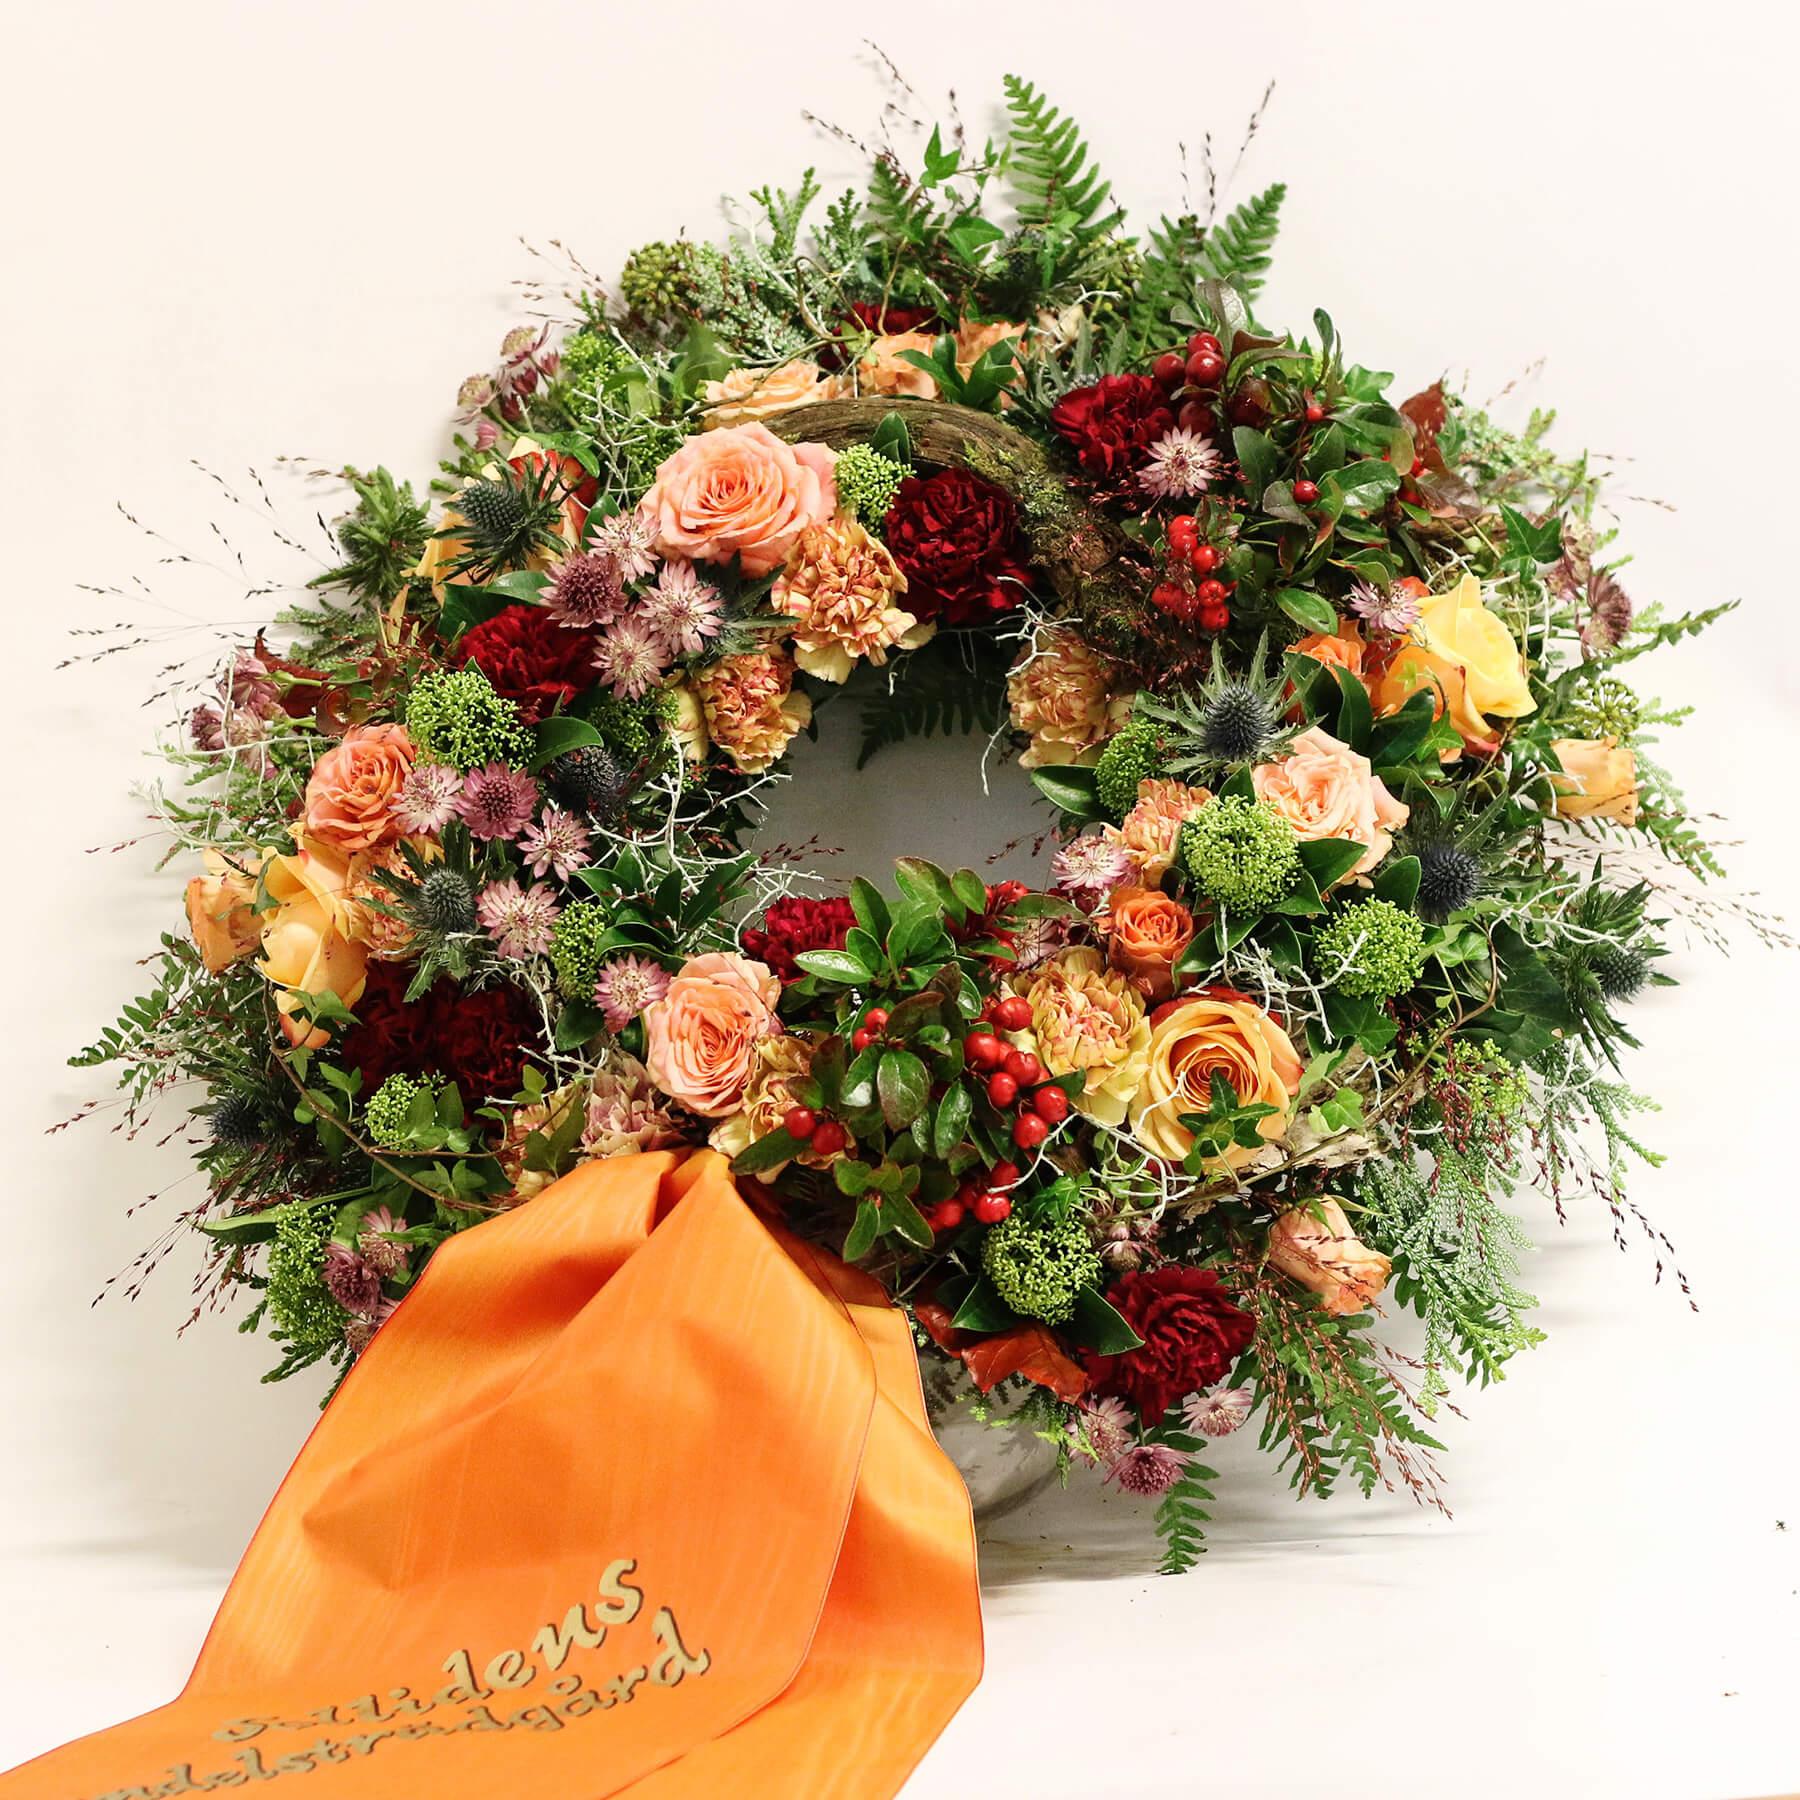 En magiskt vacker, rundbunden krans till begravning, skapad av våra florister. Med blandade blommor i milda färger blir det en fin enhet. Blommorna varierar men just här har vi använt rosor, nejlikor, skimmia, stjärnflocka, tistel mm.